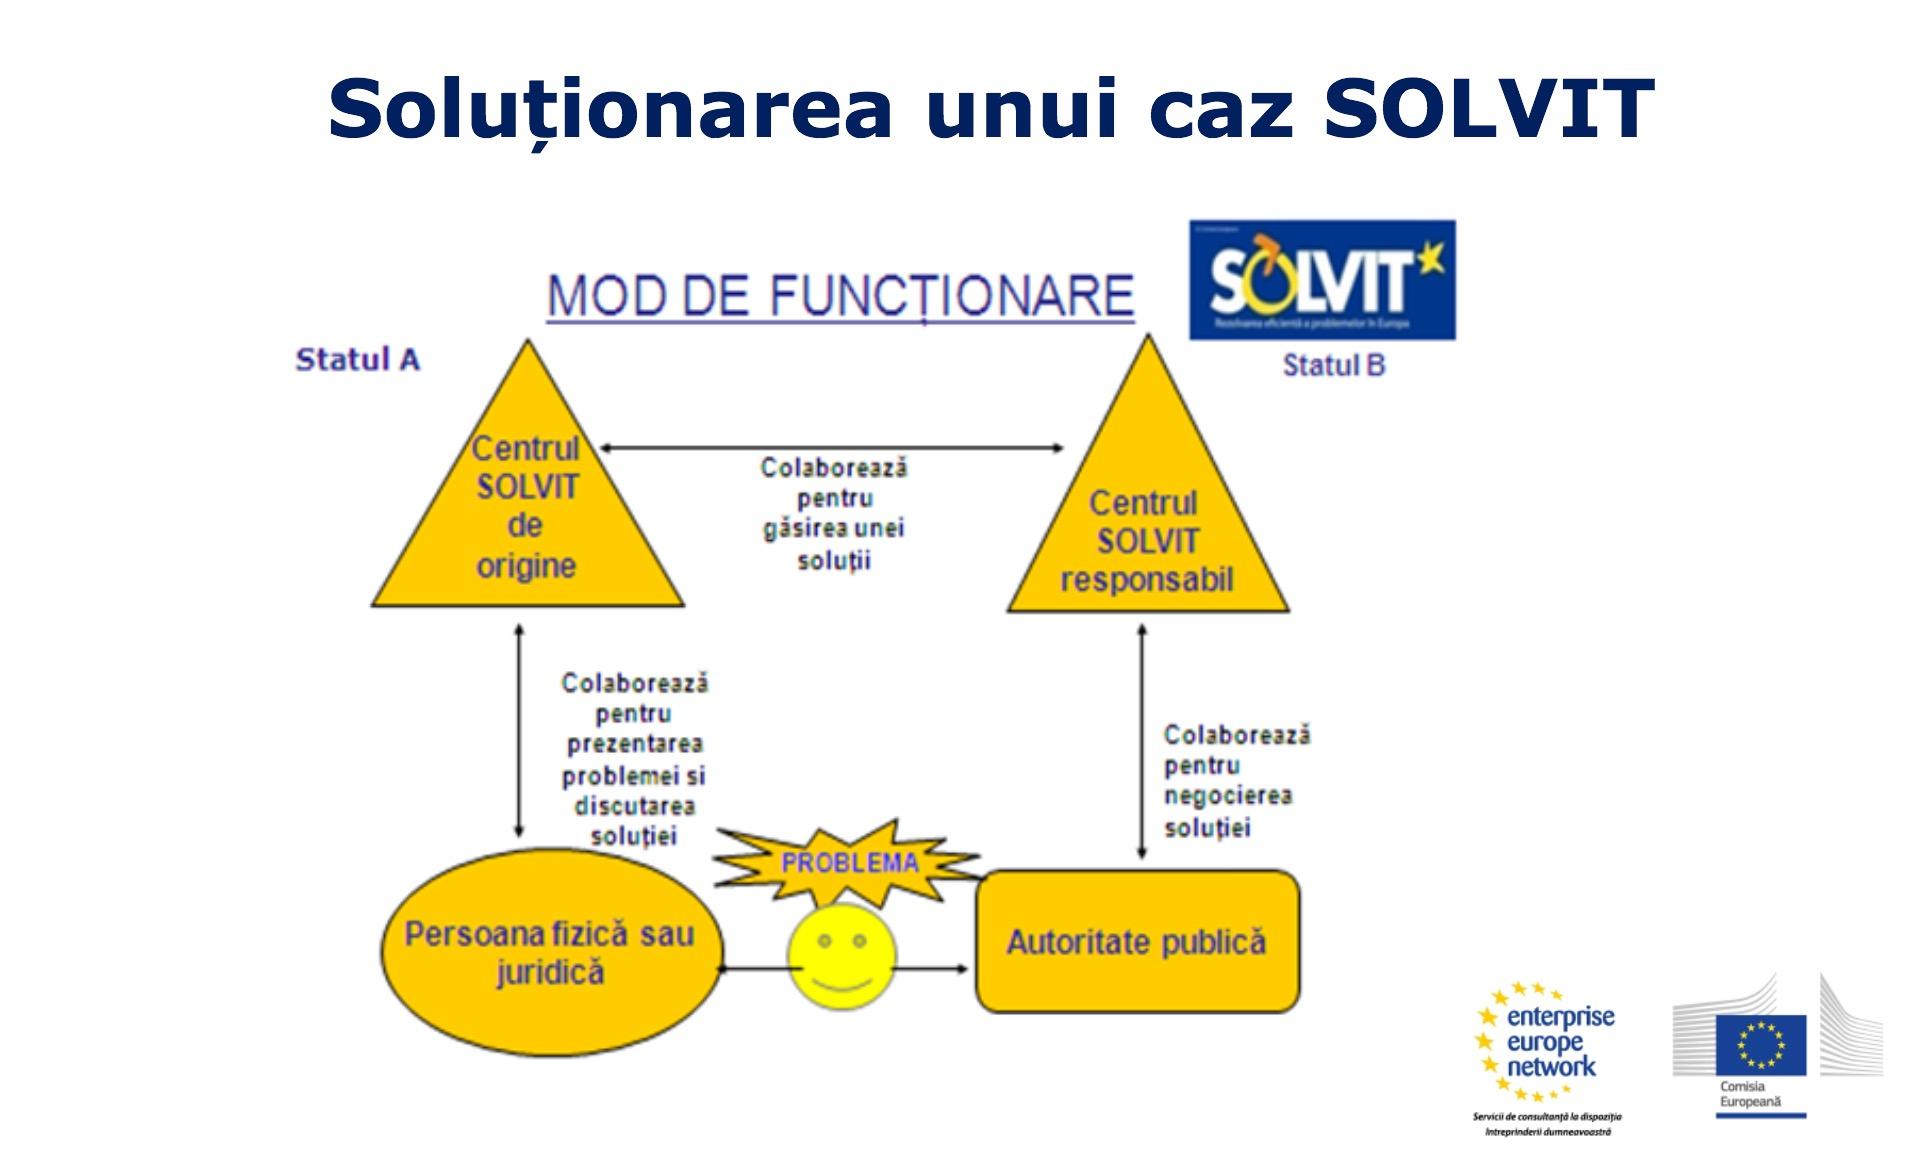 Prea puțini cetățeni și companii românești cunosc mecanismul gratuit și rapid SOLVIT de apărare a drepturilor europene